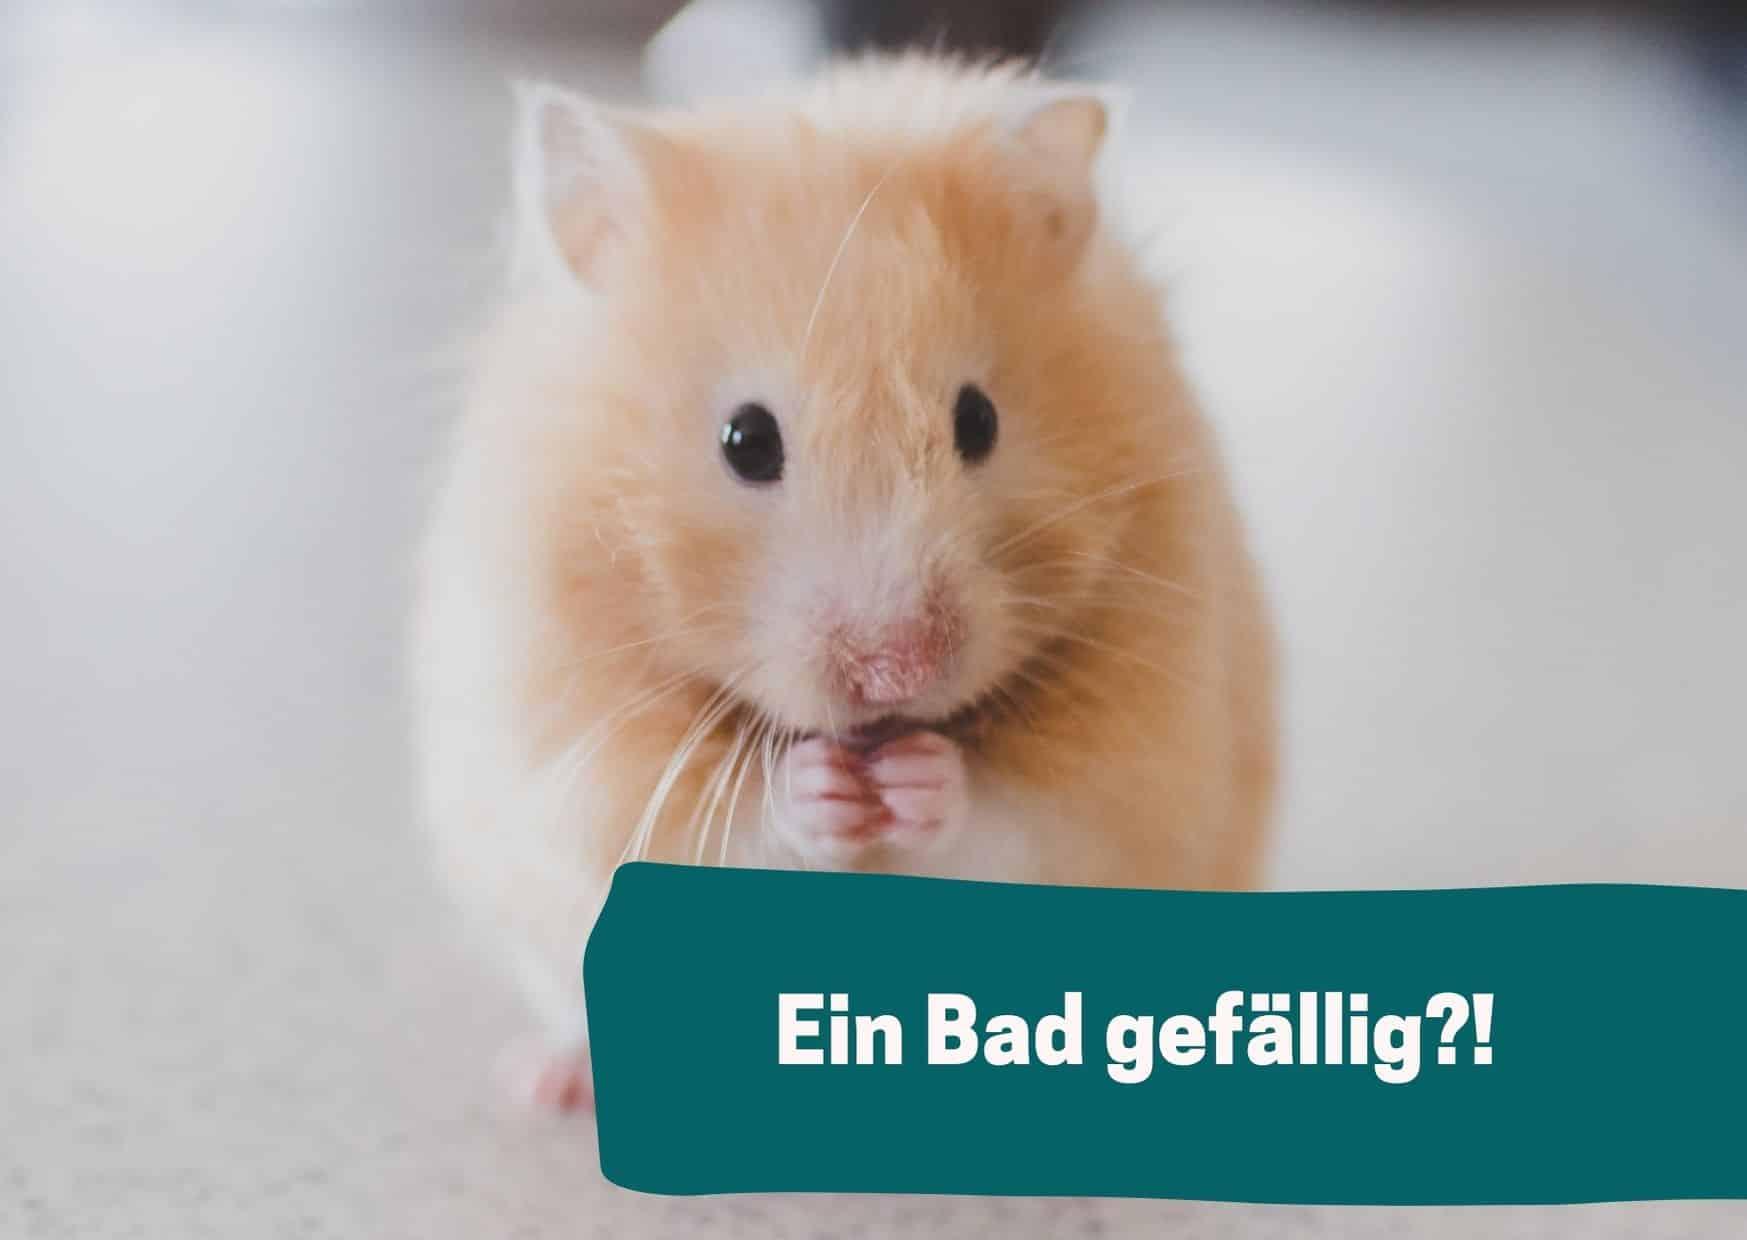 Lust auf ein Bad? Aber bitte kein Wasser! Hamster baden am liebsten im Sand.